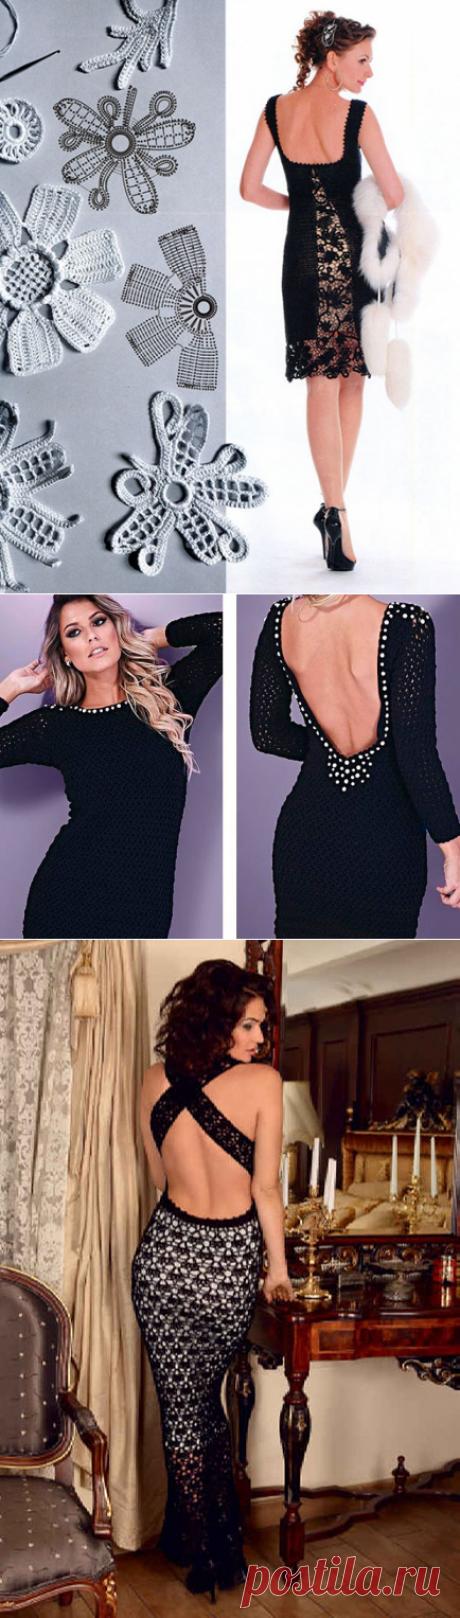 Вяжем вечерние черные платья с открытой спиной крючком – 3 модели со схемами и описанием